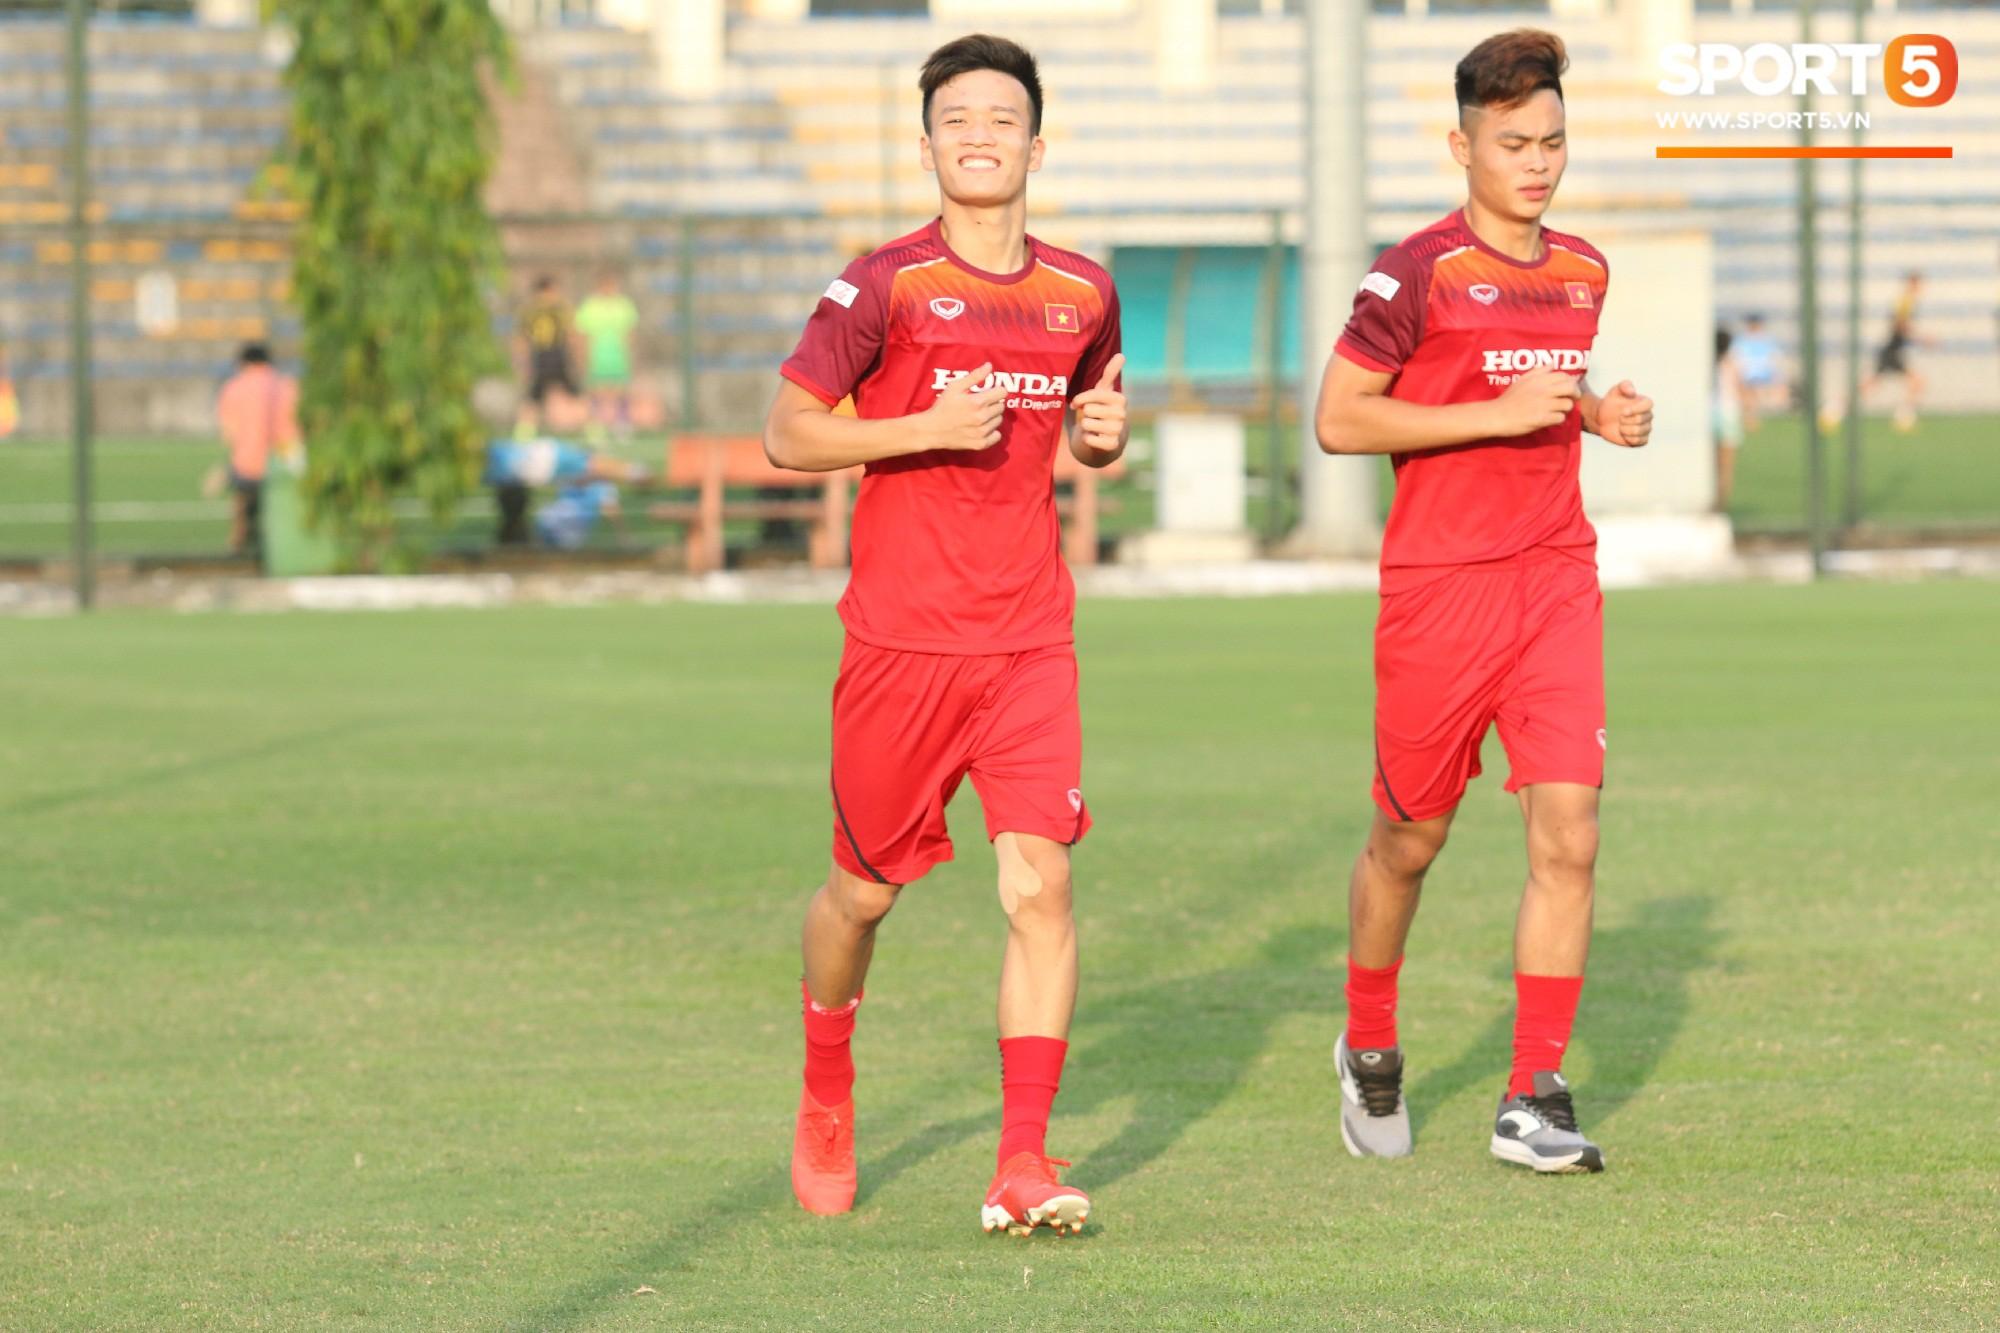 Hot boy Việt kiều chưa thể tập luyện, xót xa nhìn hàng loạt cầu thủ U23 Việt Nam chấn thương - Ảnh 4.